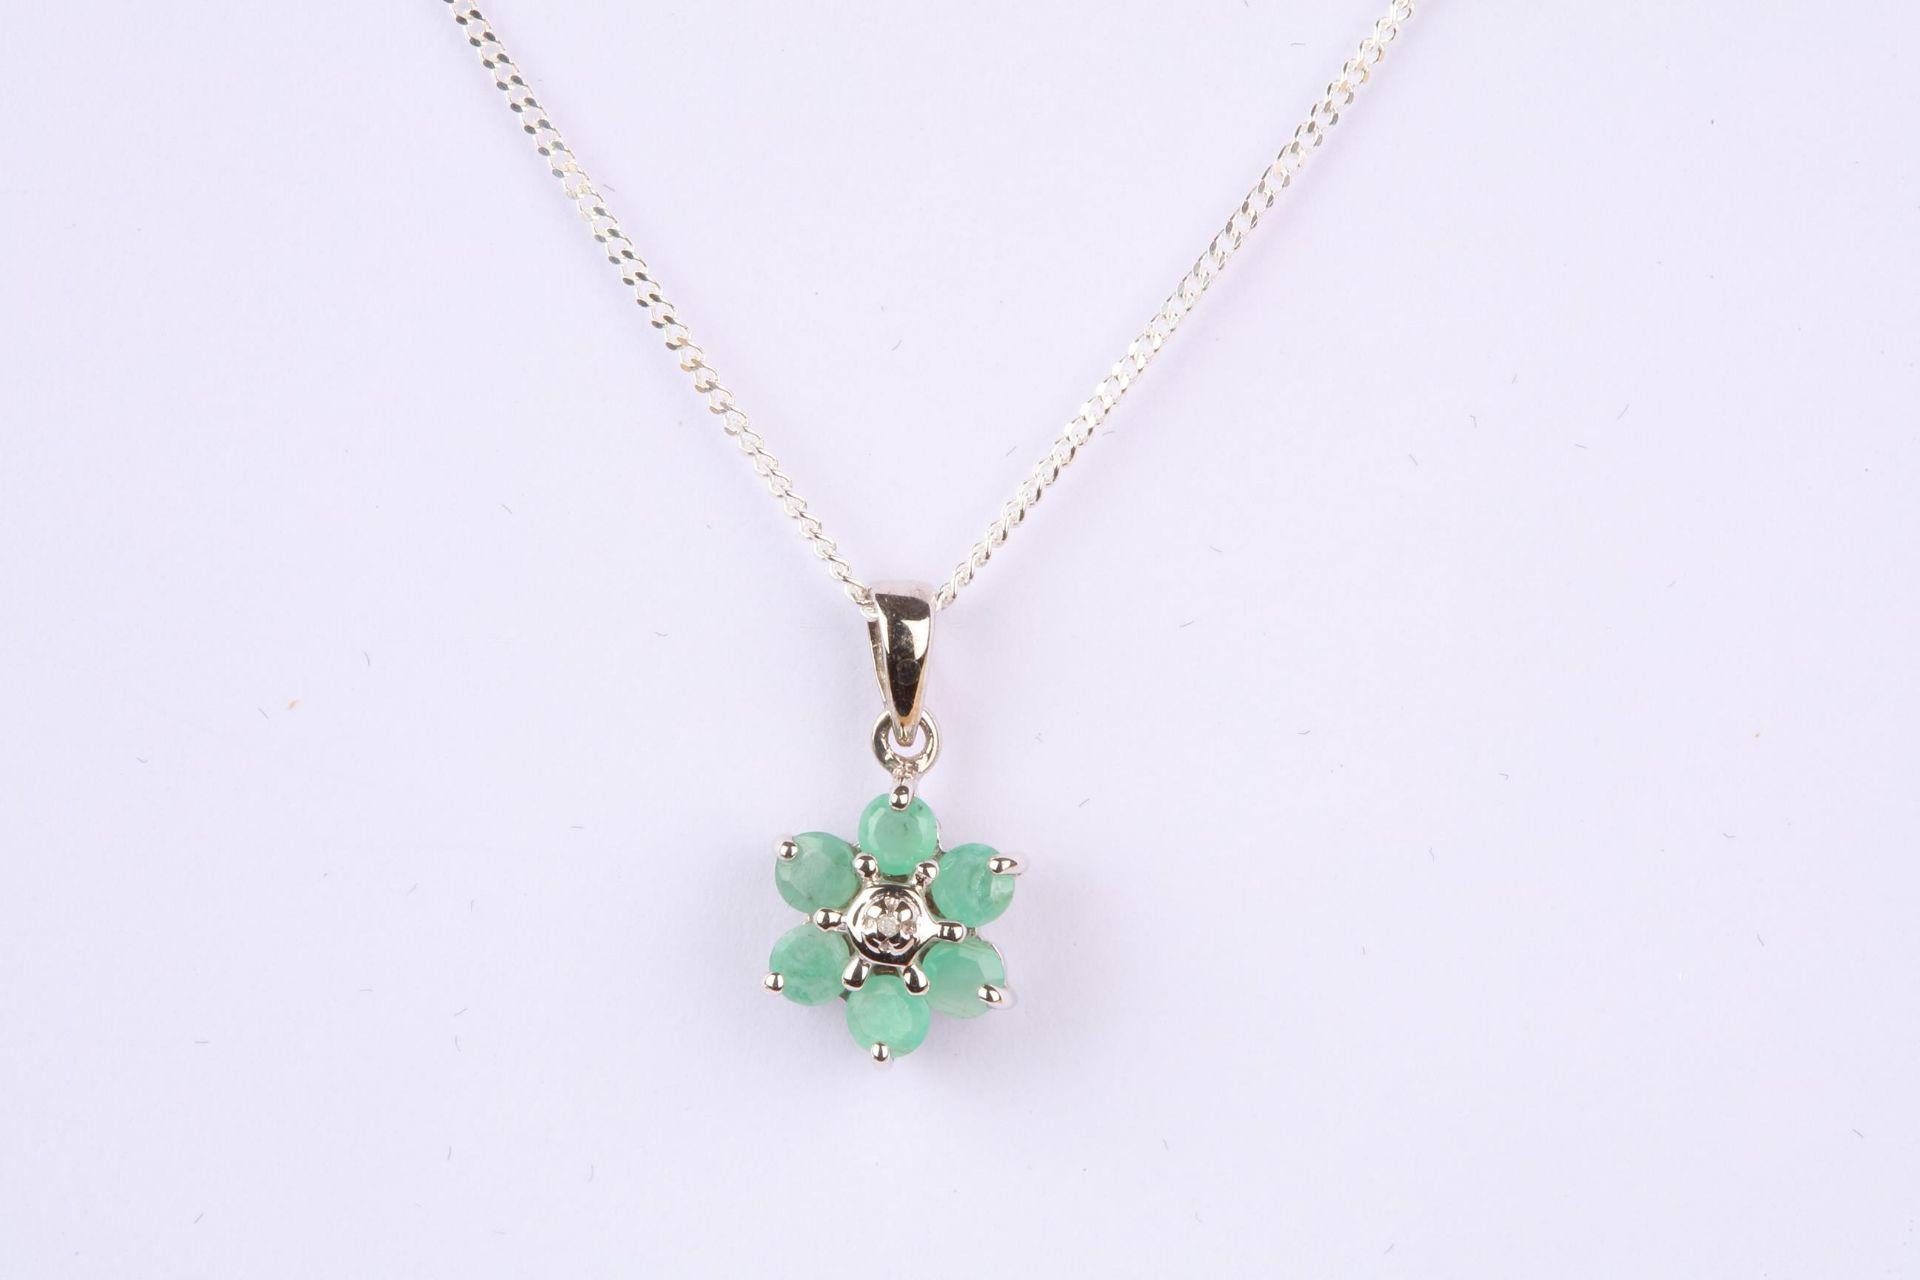 + VAT Brand New Green Onyx Flower Pendant On Chain